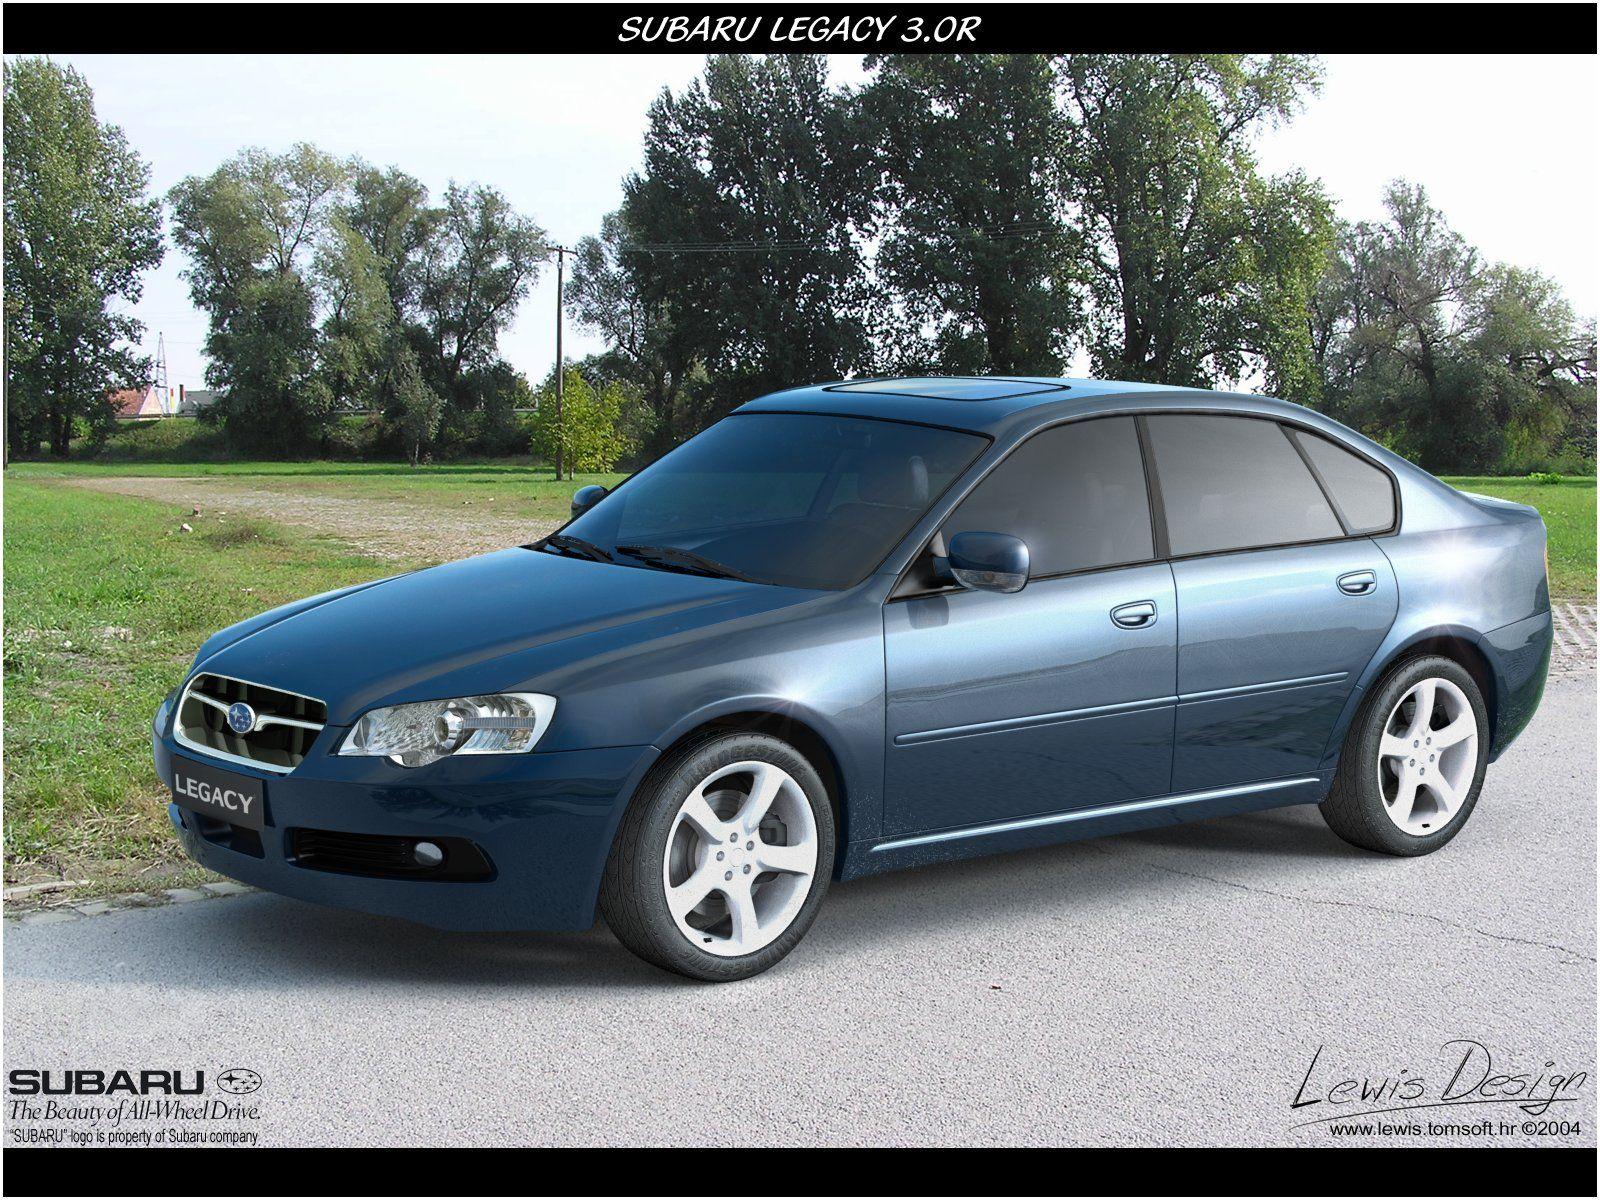 Subaru justy 4wd